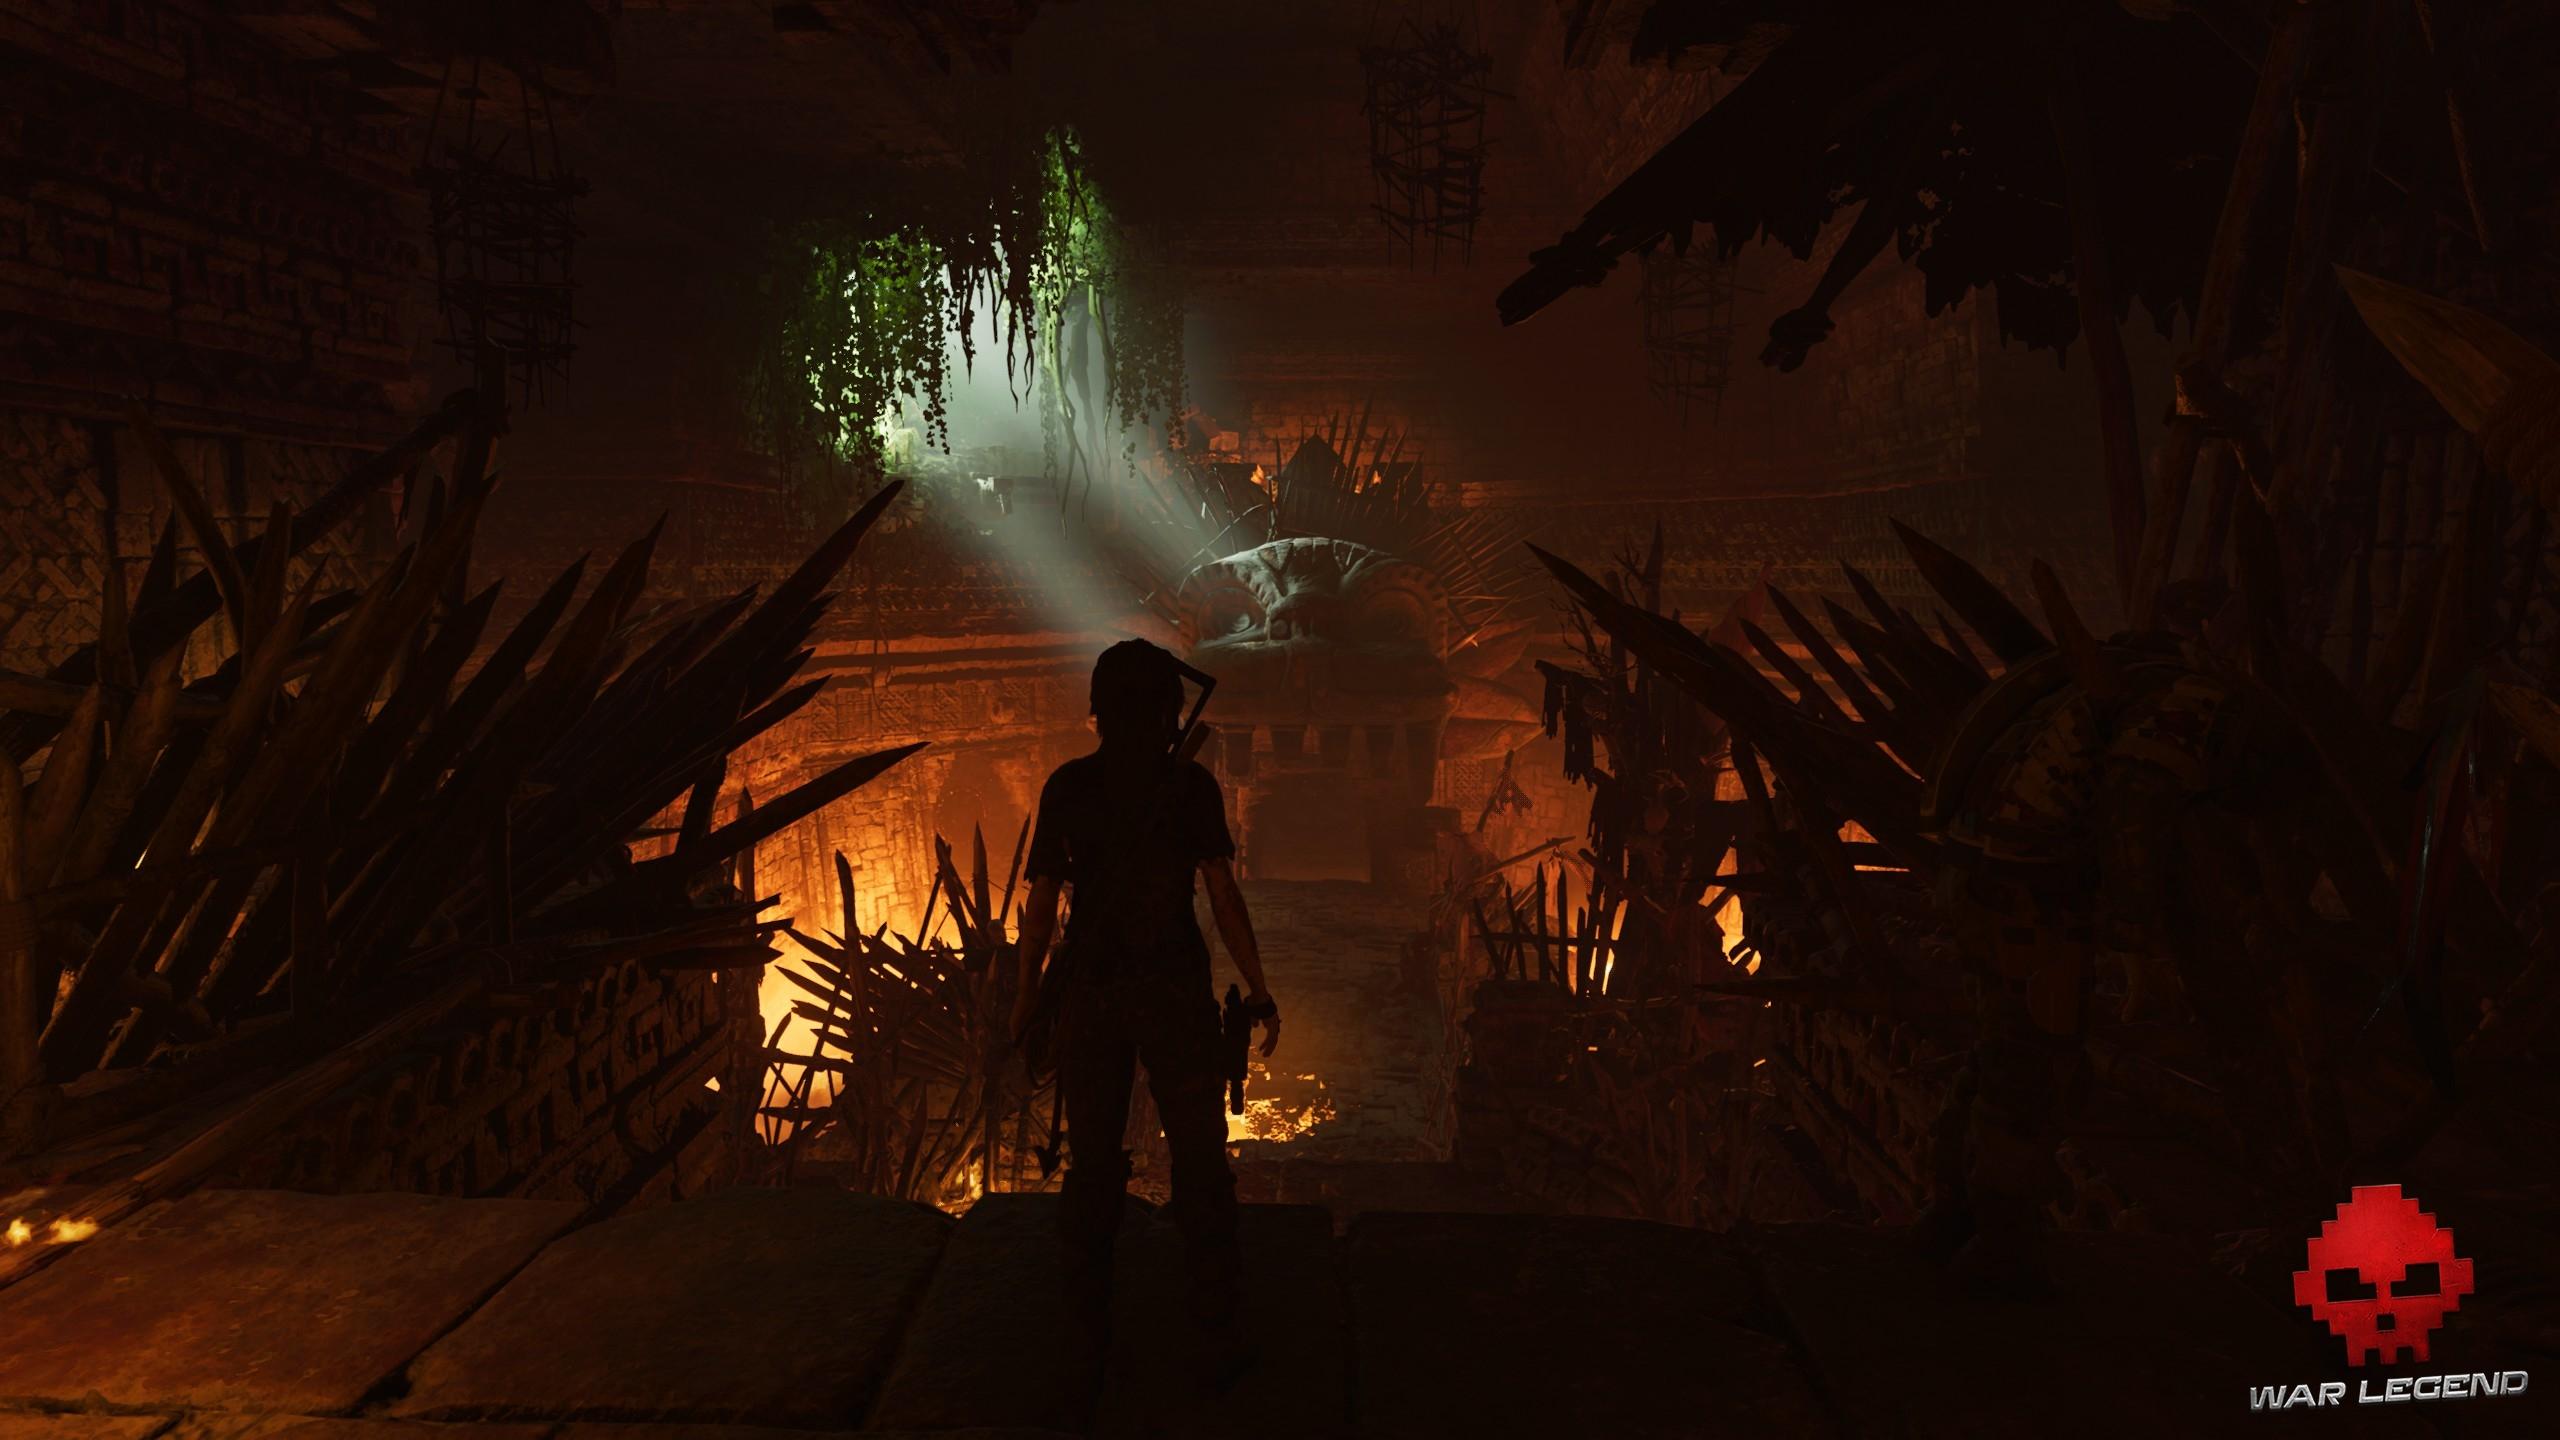 Lara à l'entrée d'une tombe sinistre